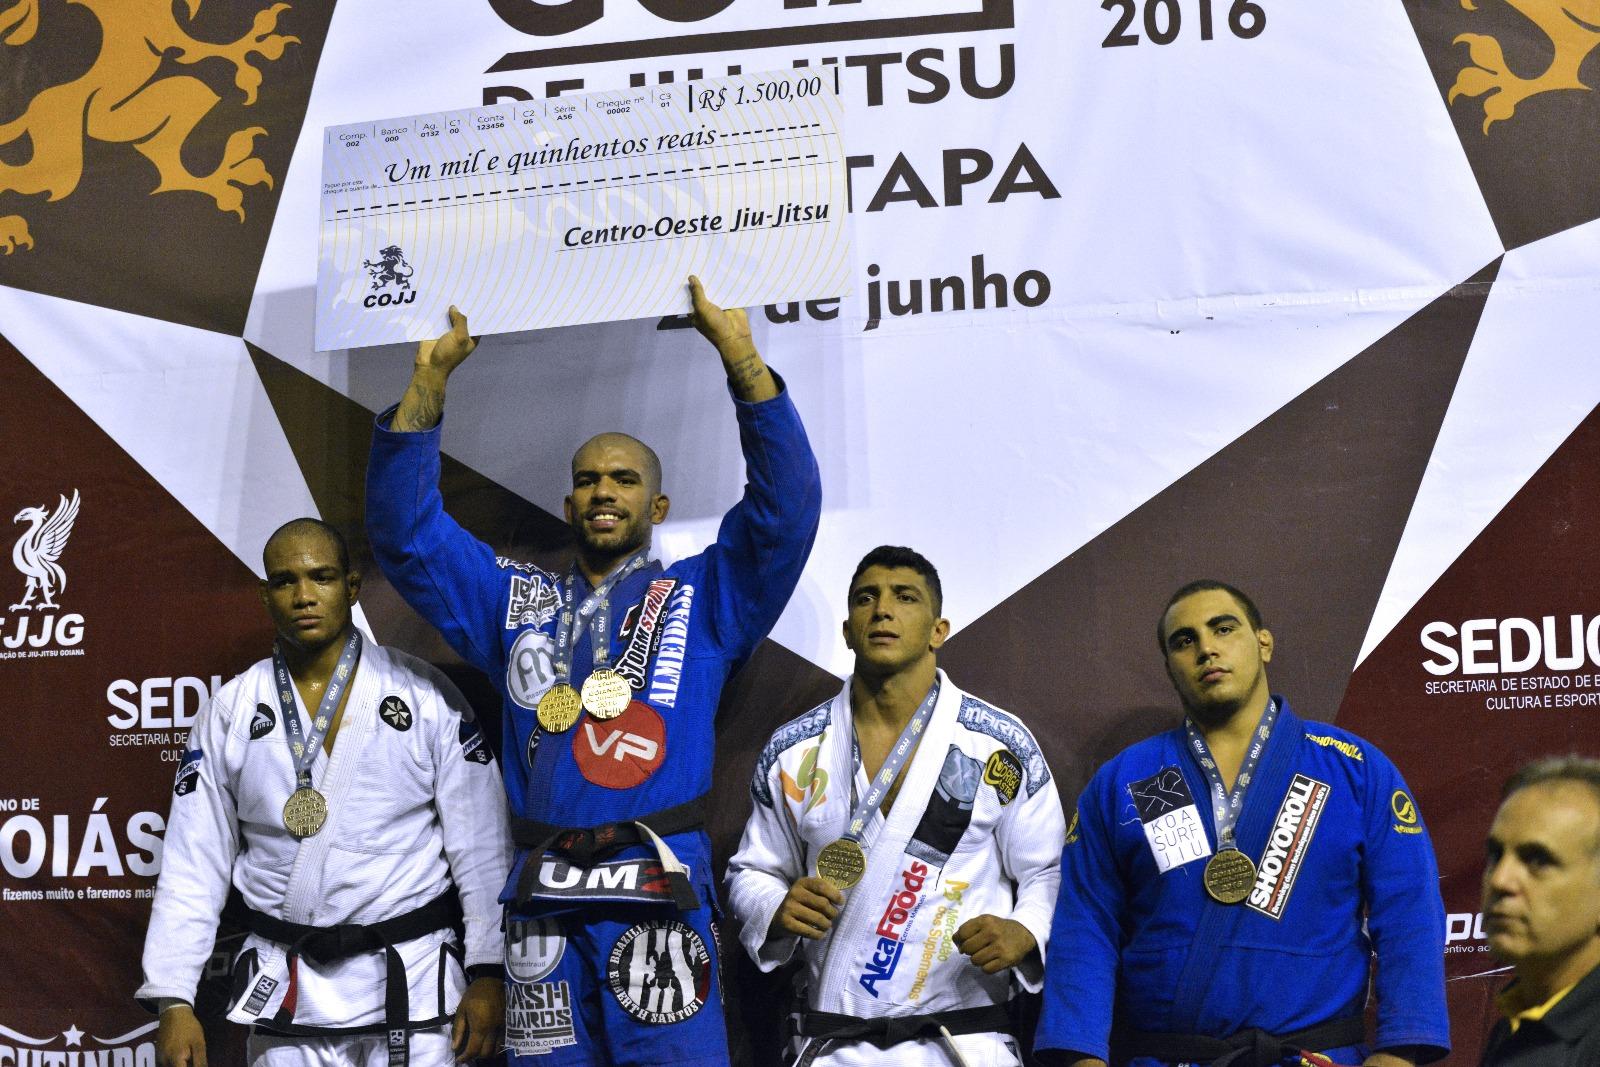 Erberth Santos faturou o prêmio maior do evento em Goiás. Foto: Divulgação